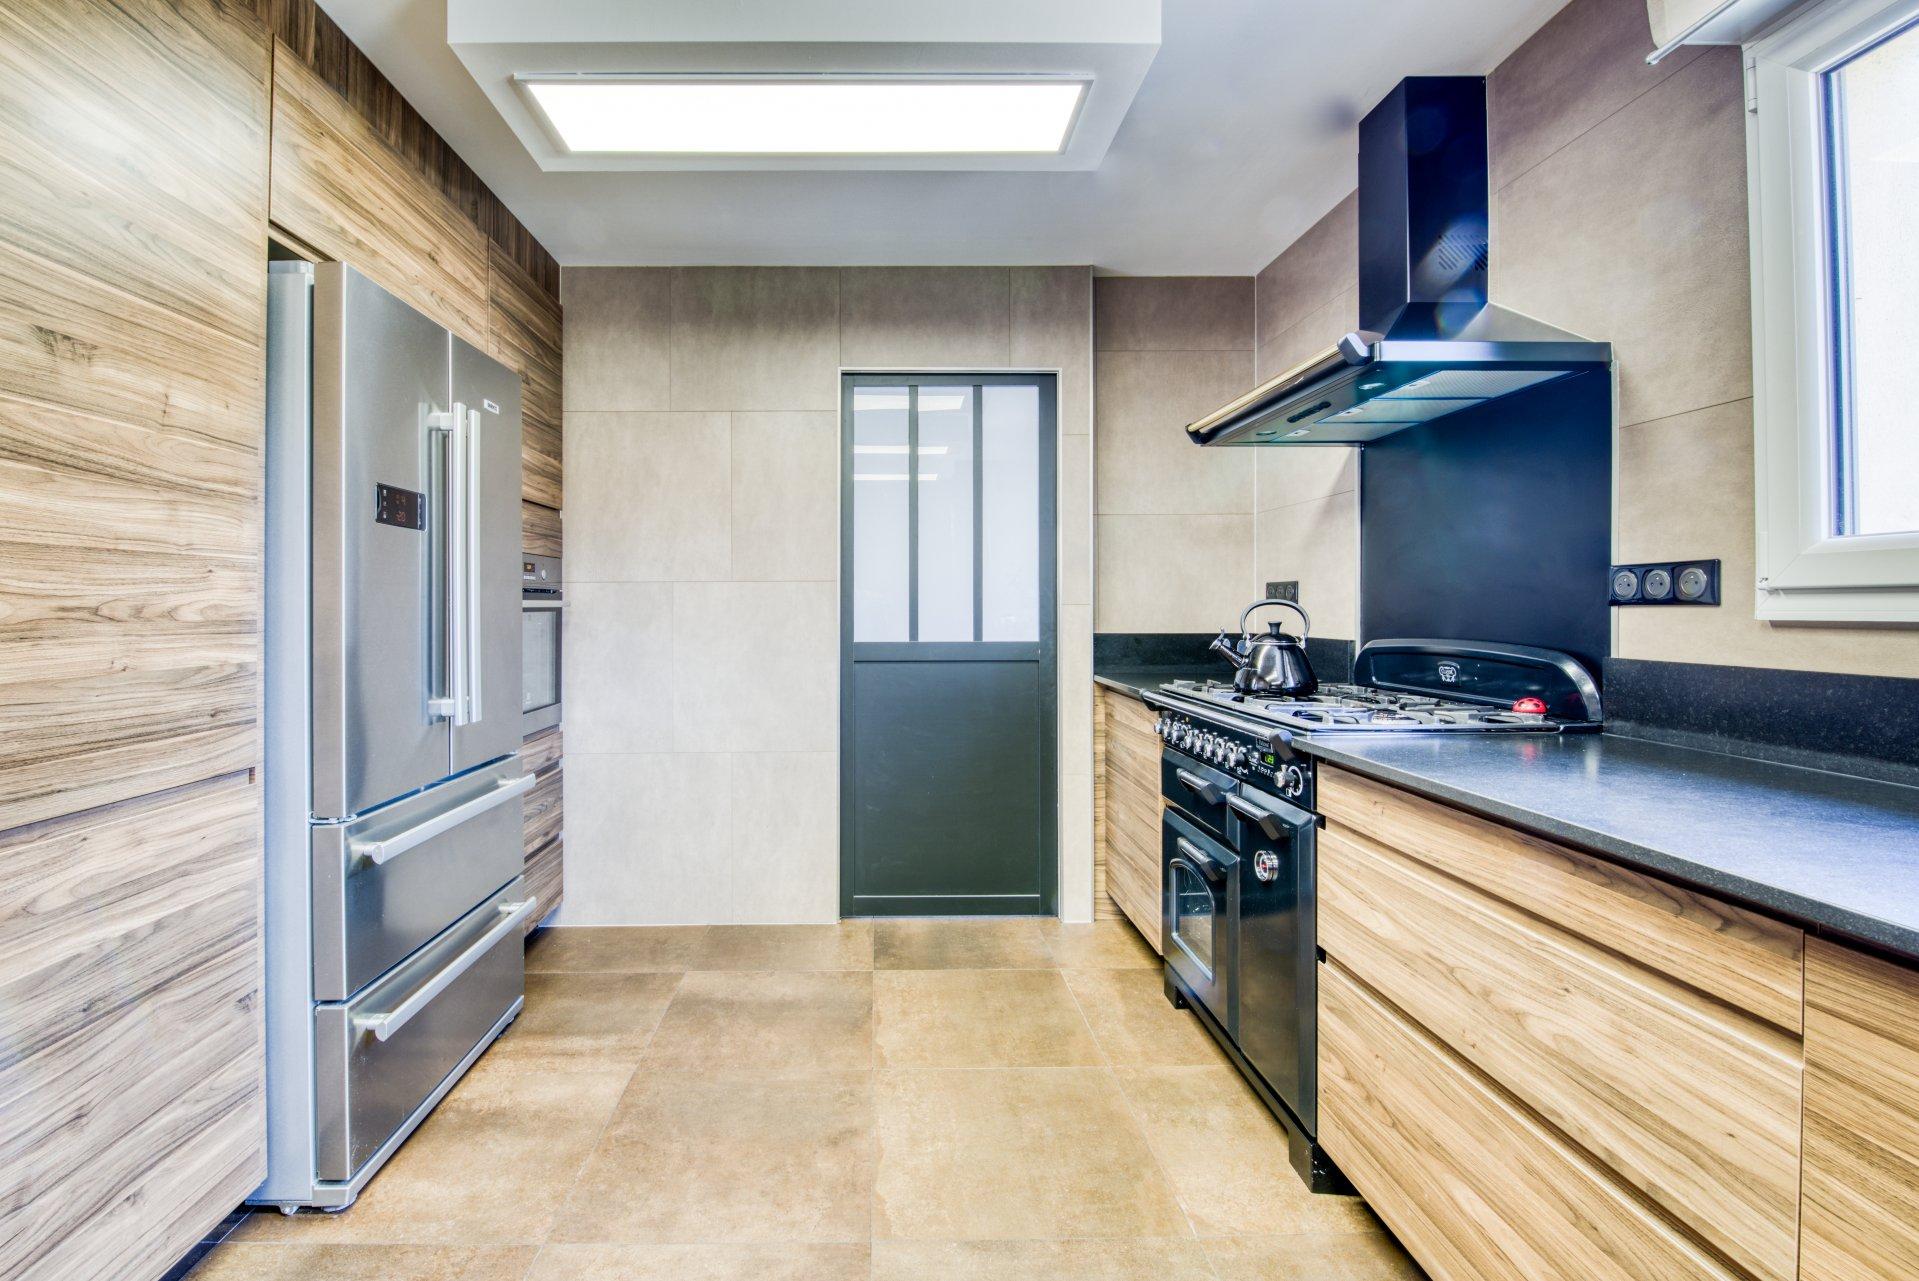 Verkauf Wohnung - Moulins-lès-Metz